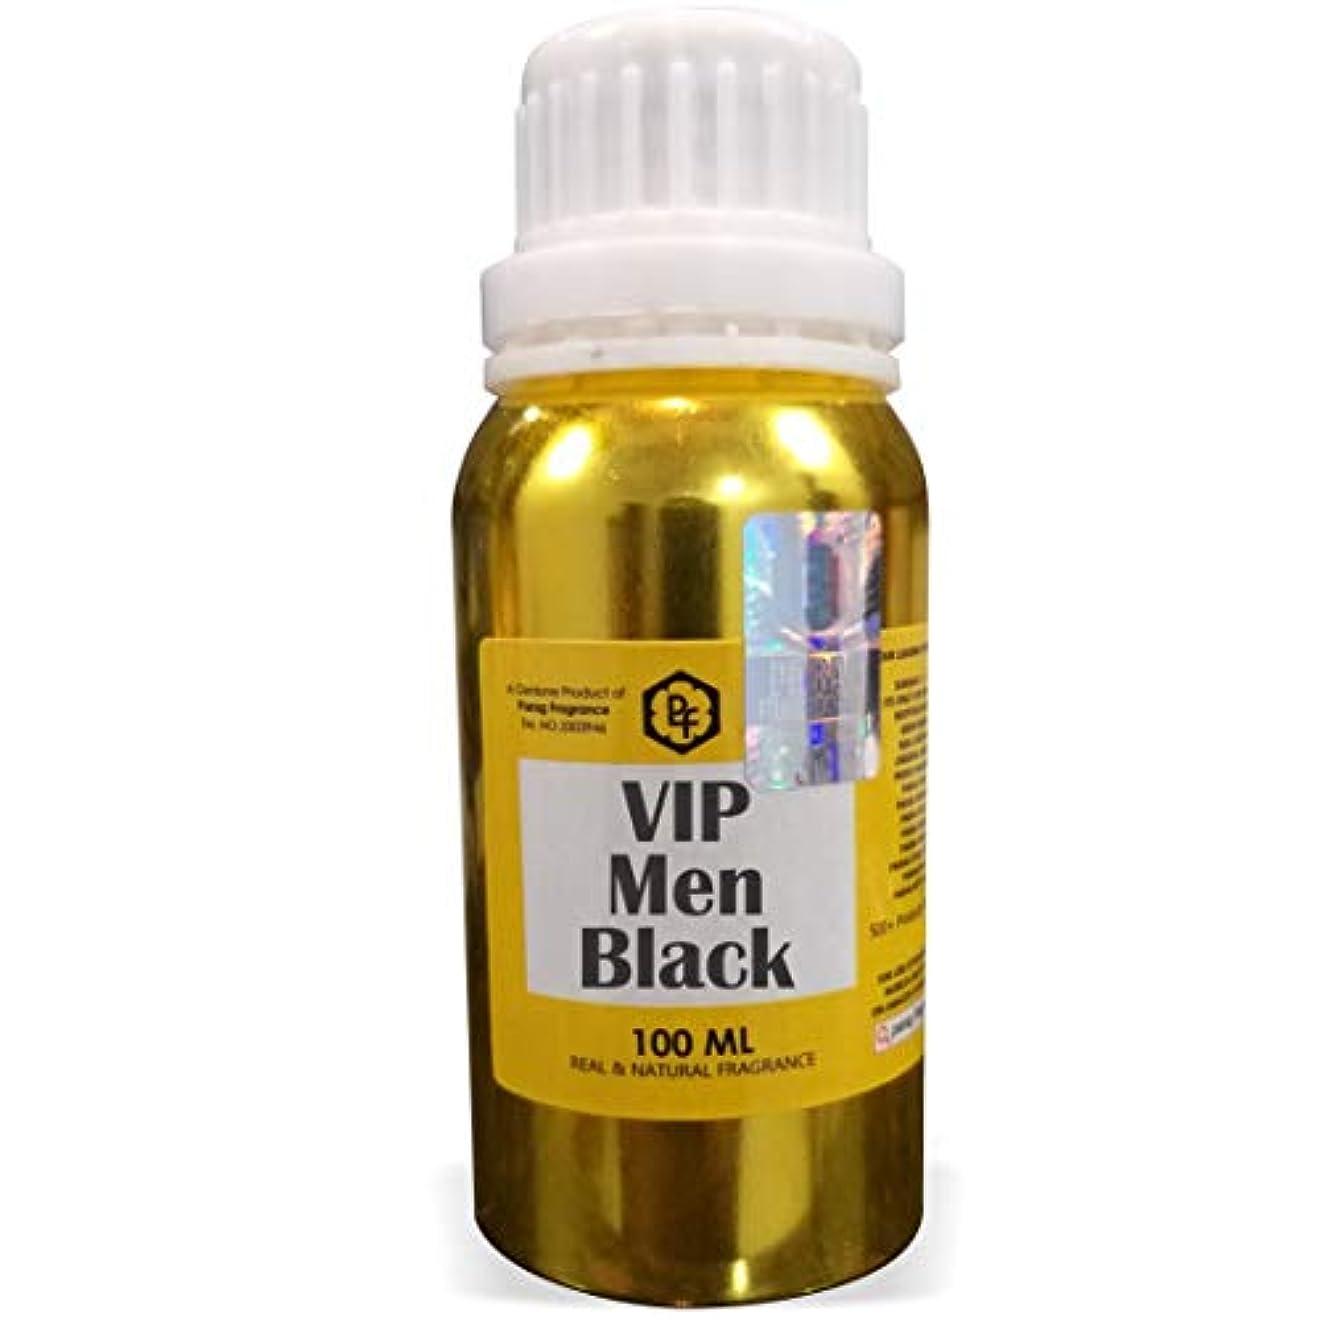 はがきニコチンファウルParagフレグランスVIP男性ブラックアター100ミリリットル(男性用アルコールフリーアター)香油| 香り| ITRA